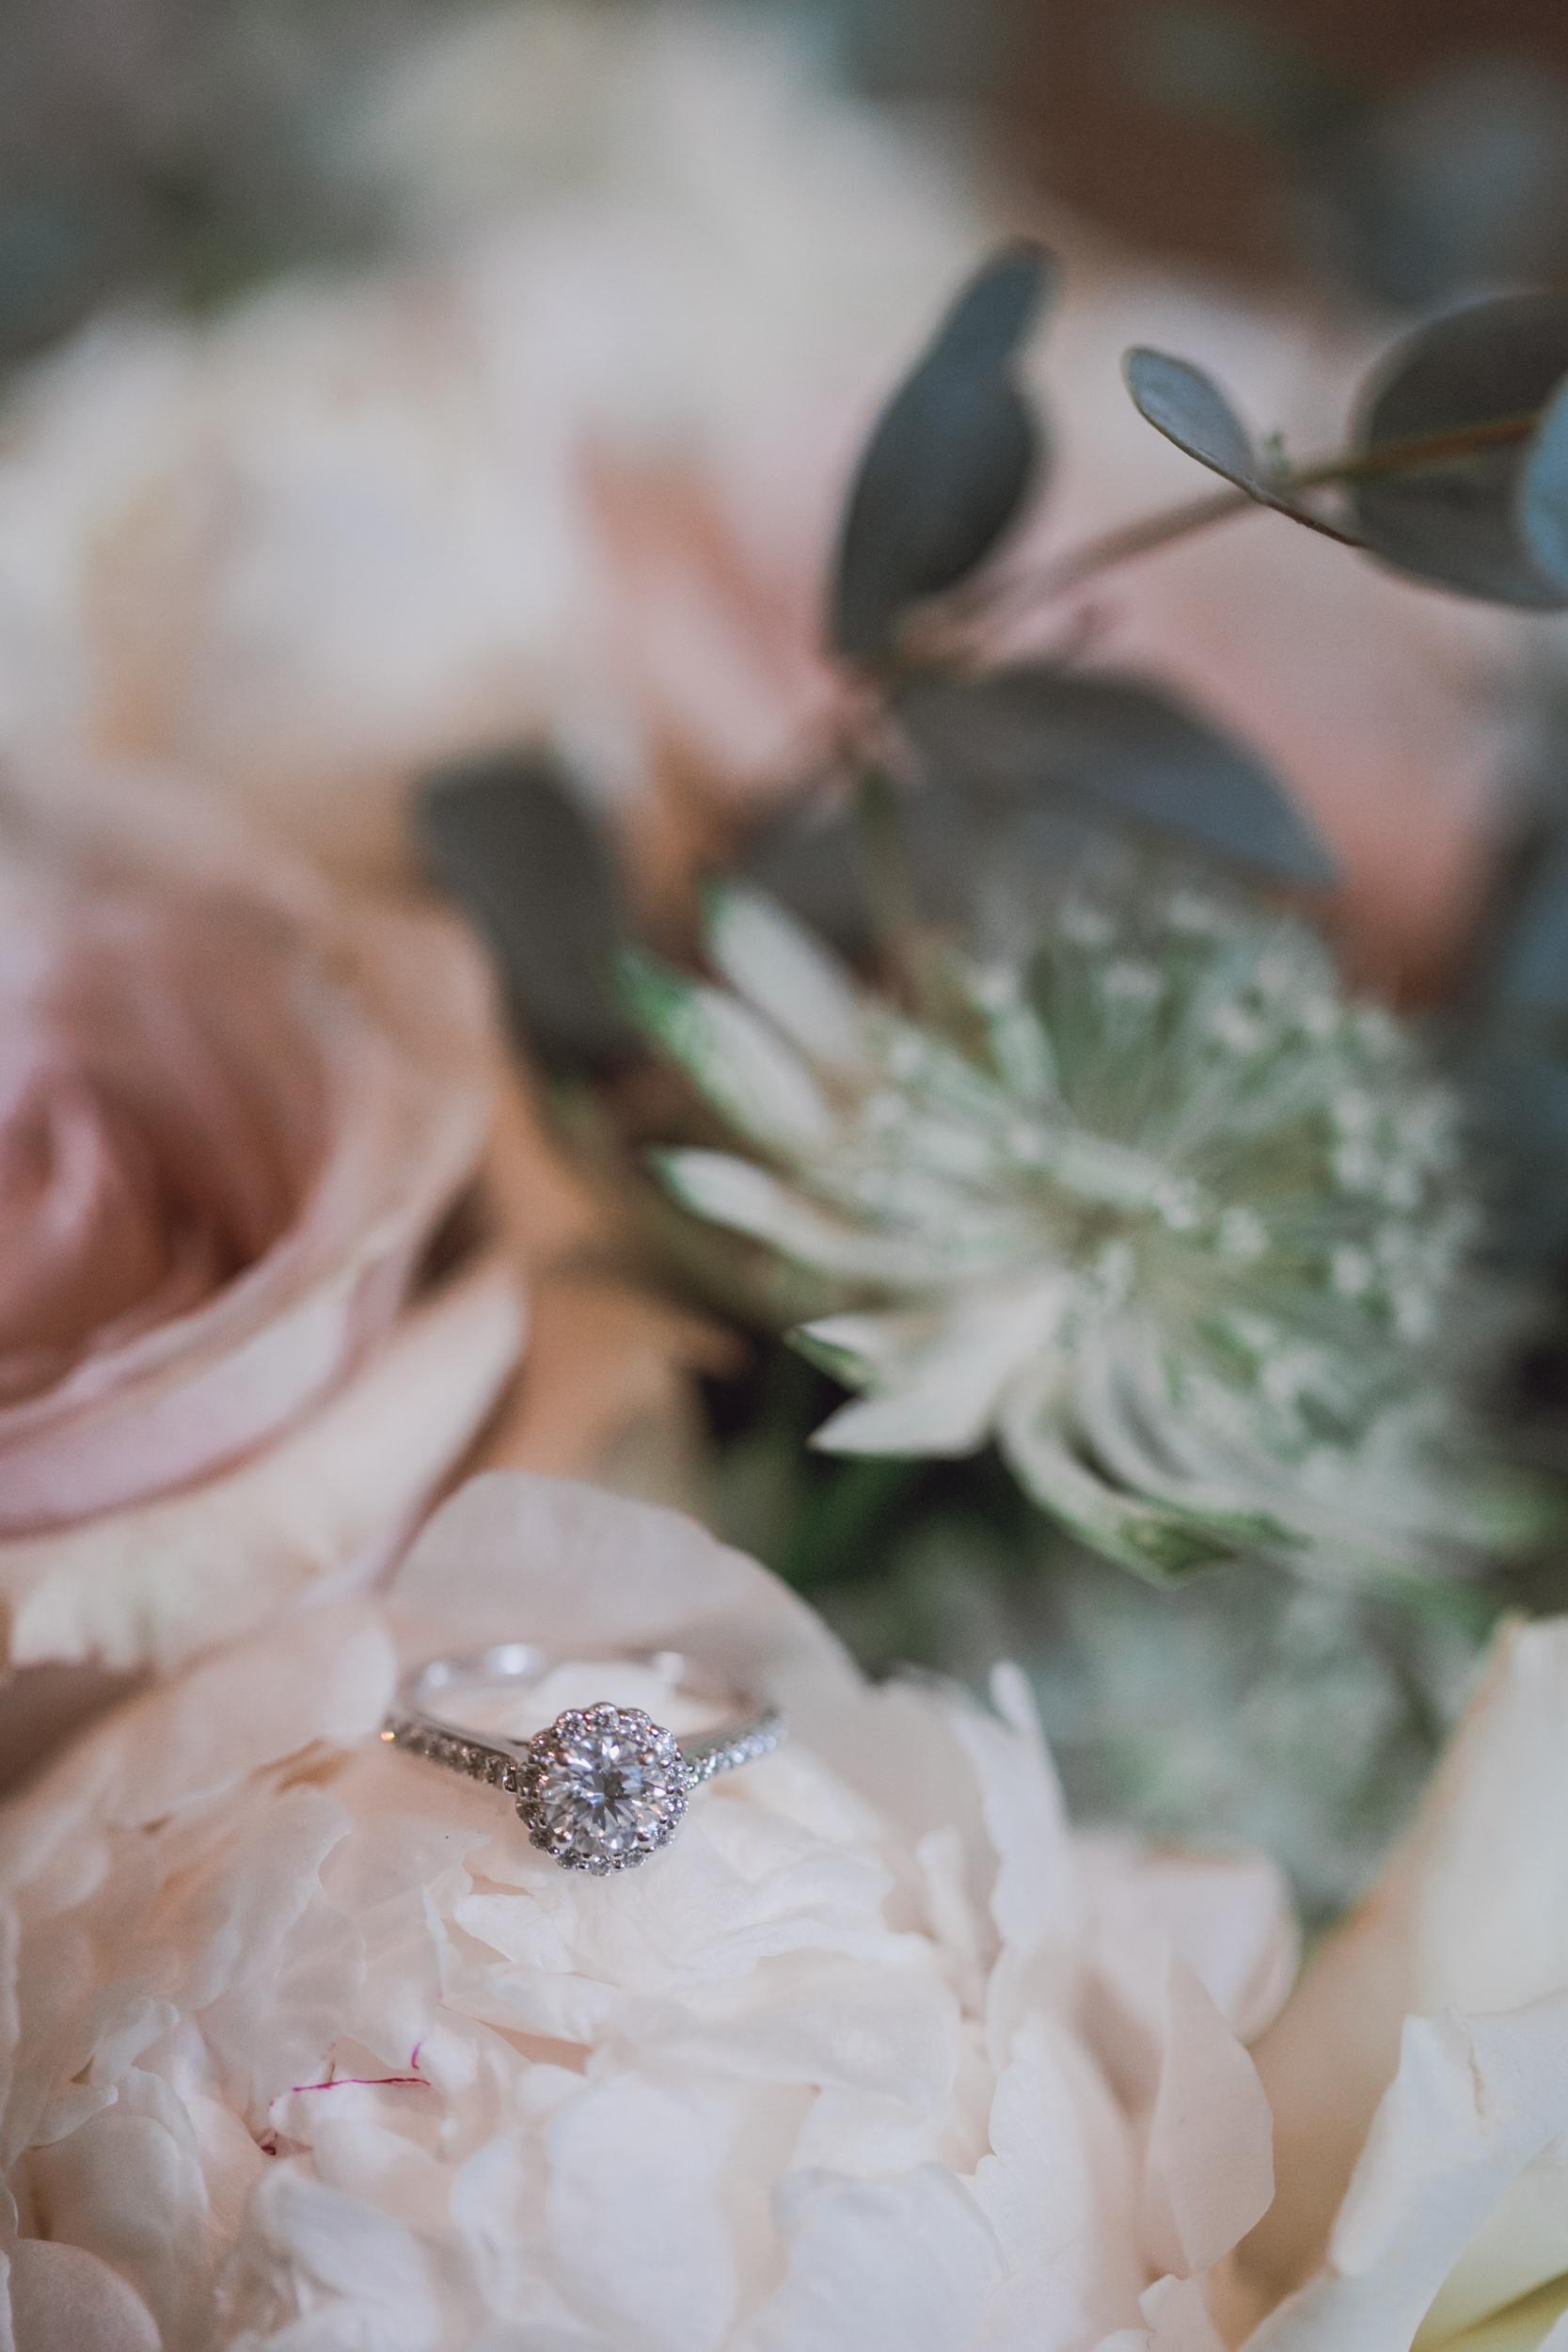 dellwood country club wedding*, Dellwood Country Club*, golf course wedding*, green golf course*, rose pink wedding details*-www.rachelsmak.com4.jpg